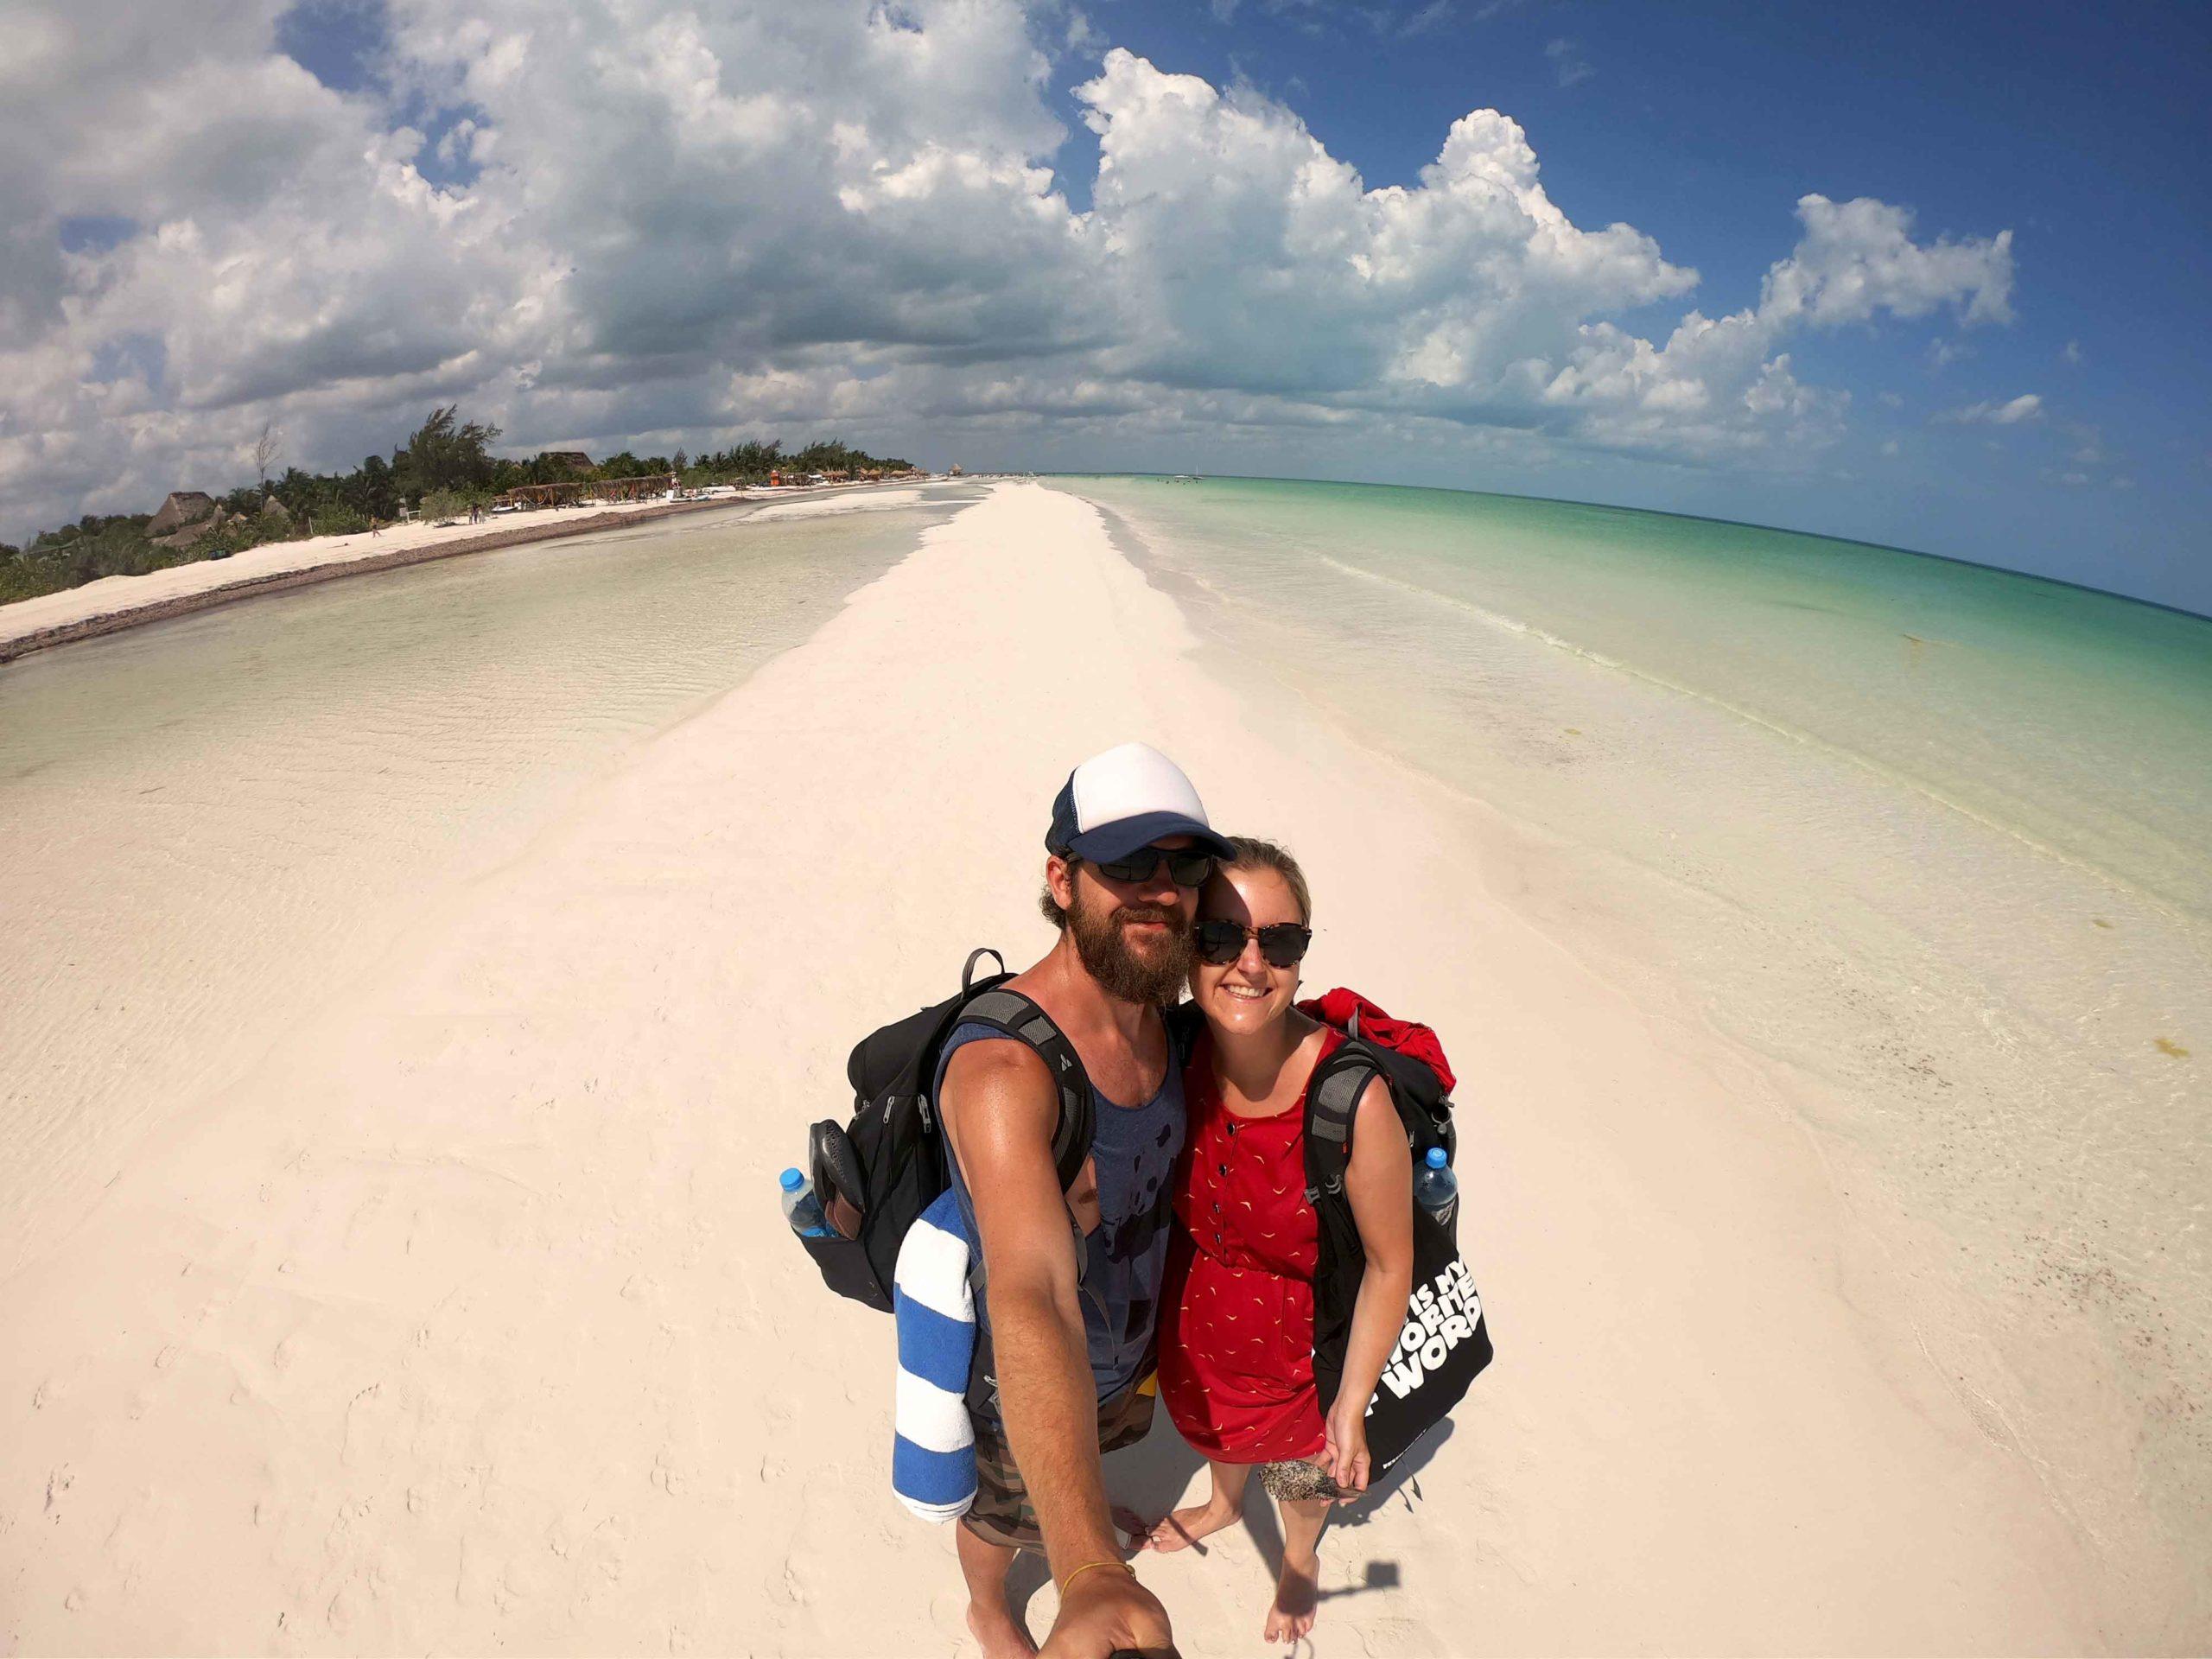 Silvia und Alex am weißen Sandstrand auf der Isla Holbox in Mexiko